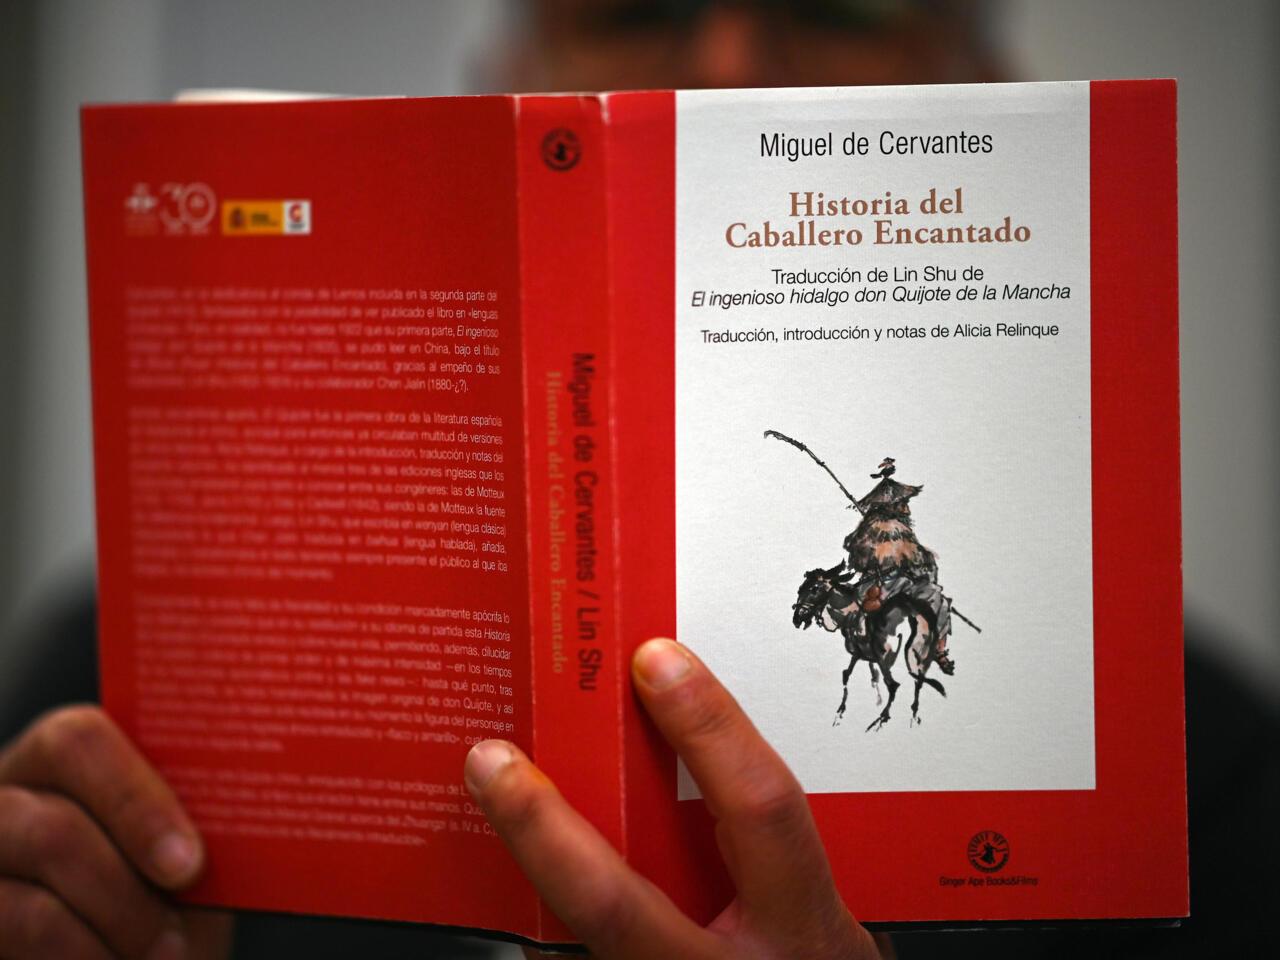 Don Quijote y su fabuloso viaje de ida y vuelta a China - RFI